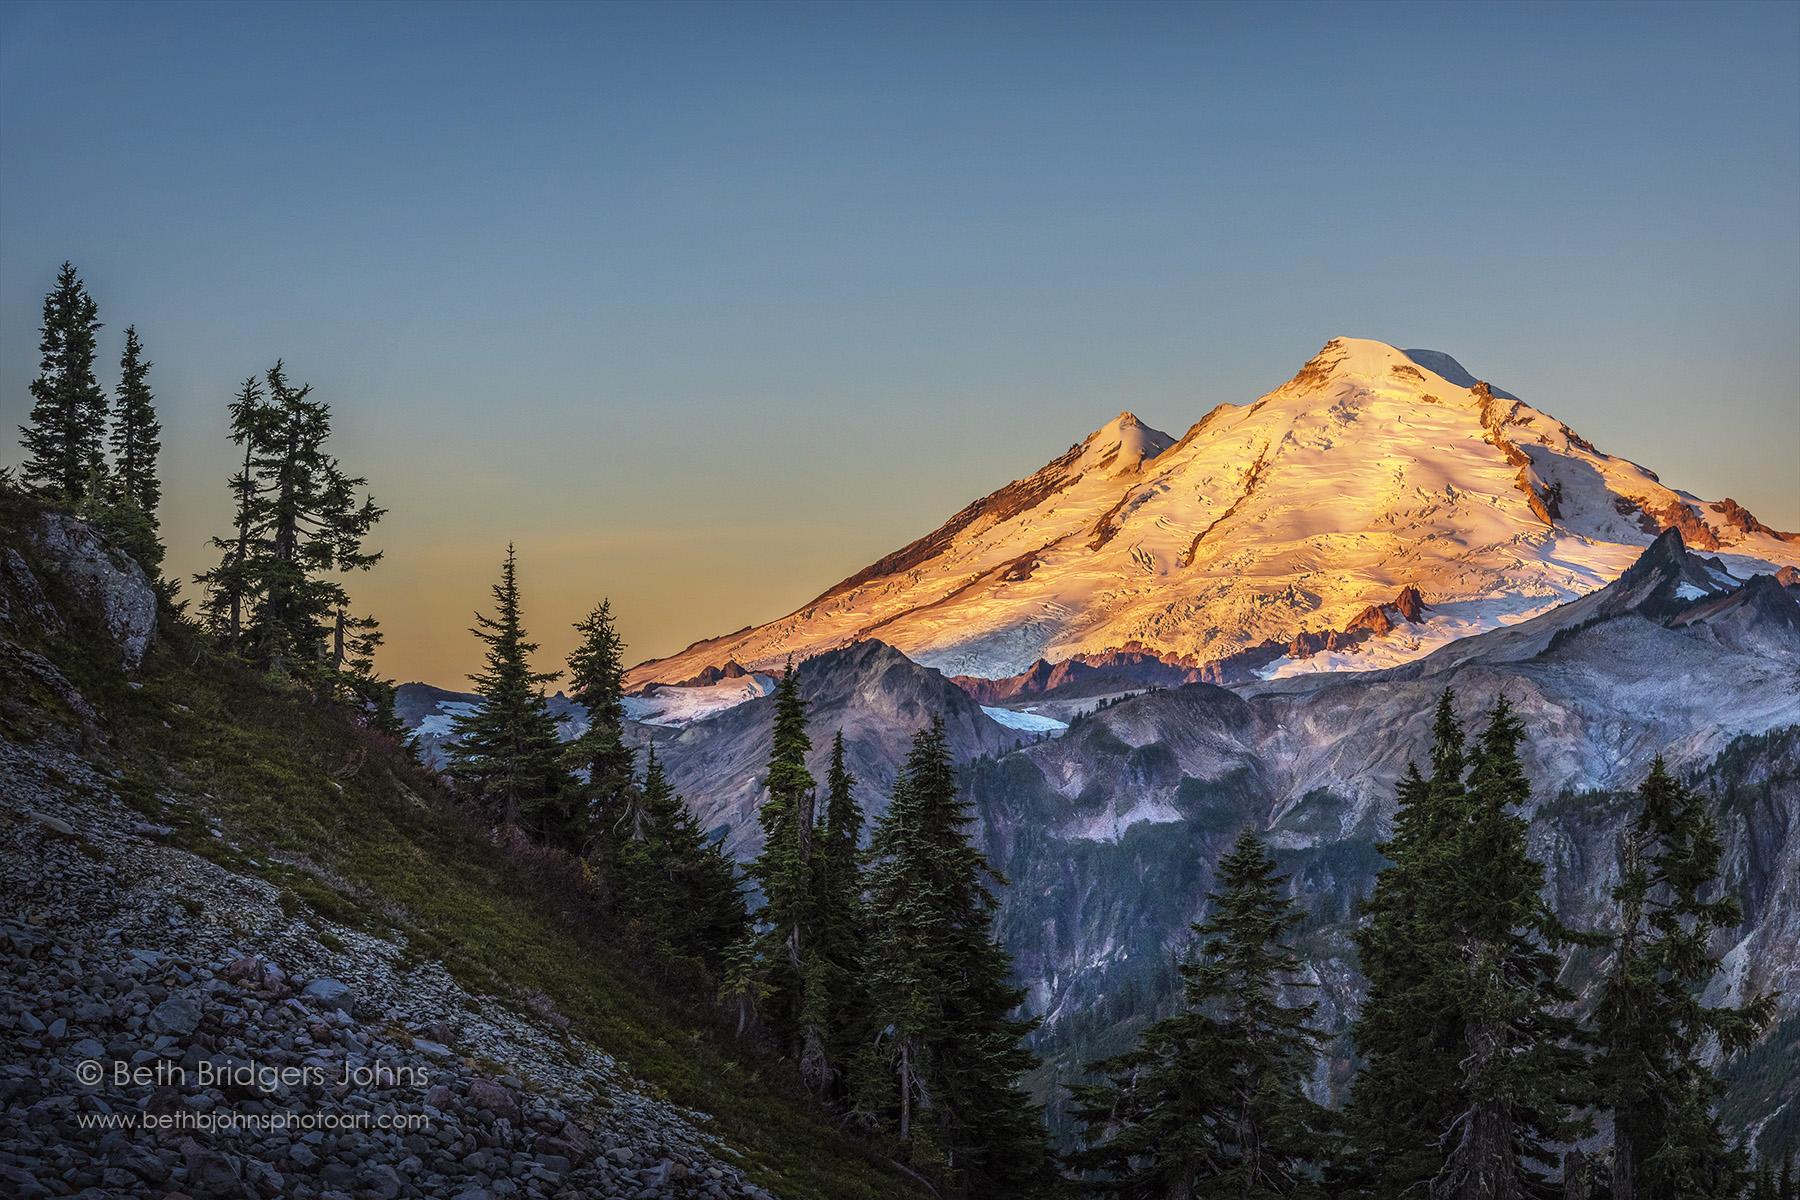 Mount Baker at Sunrise